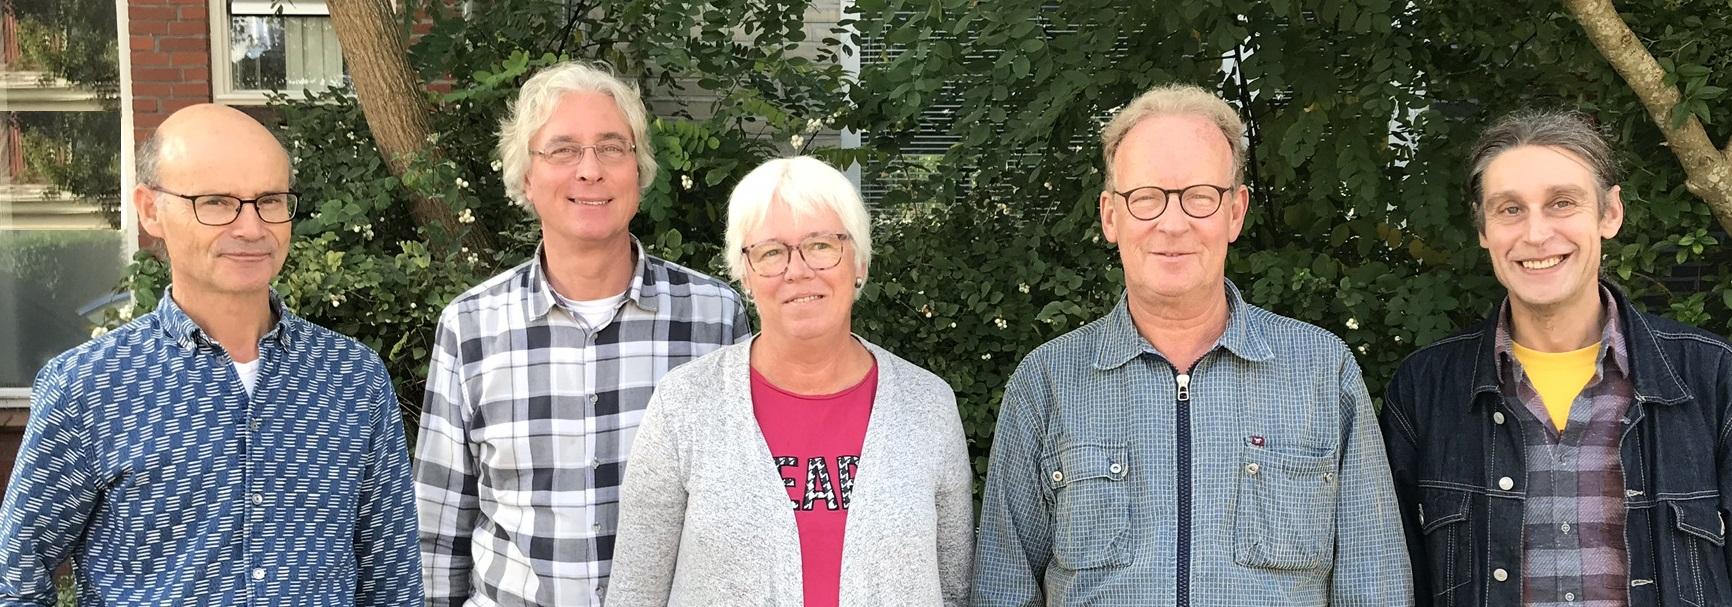 foto bestuur (5 oktober 2019 - Matthijs Berghuis)